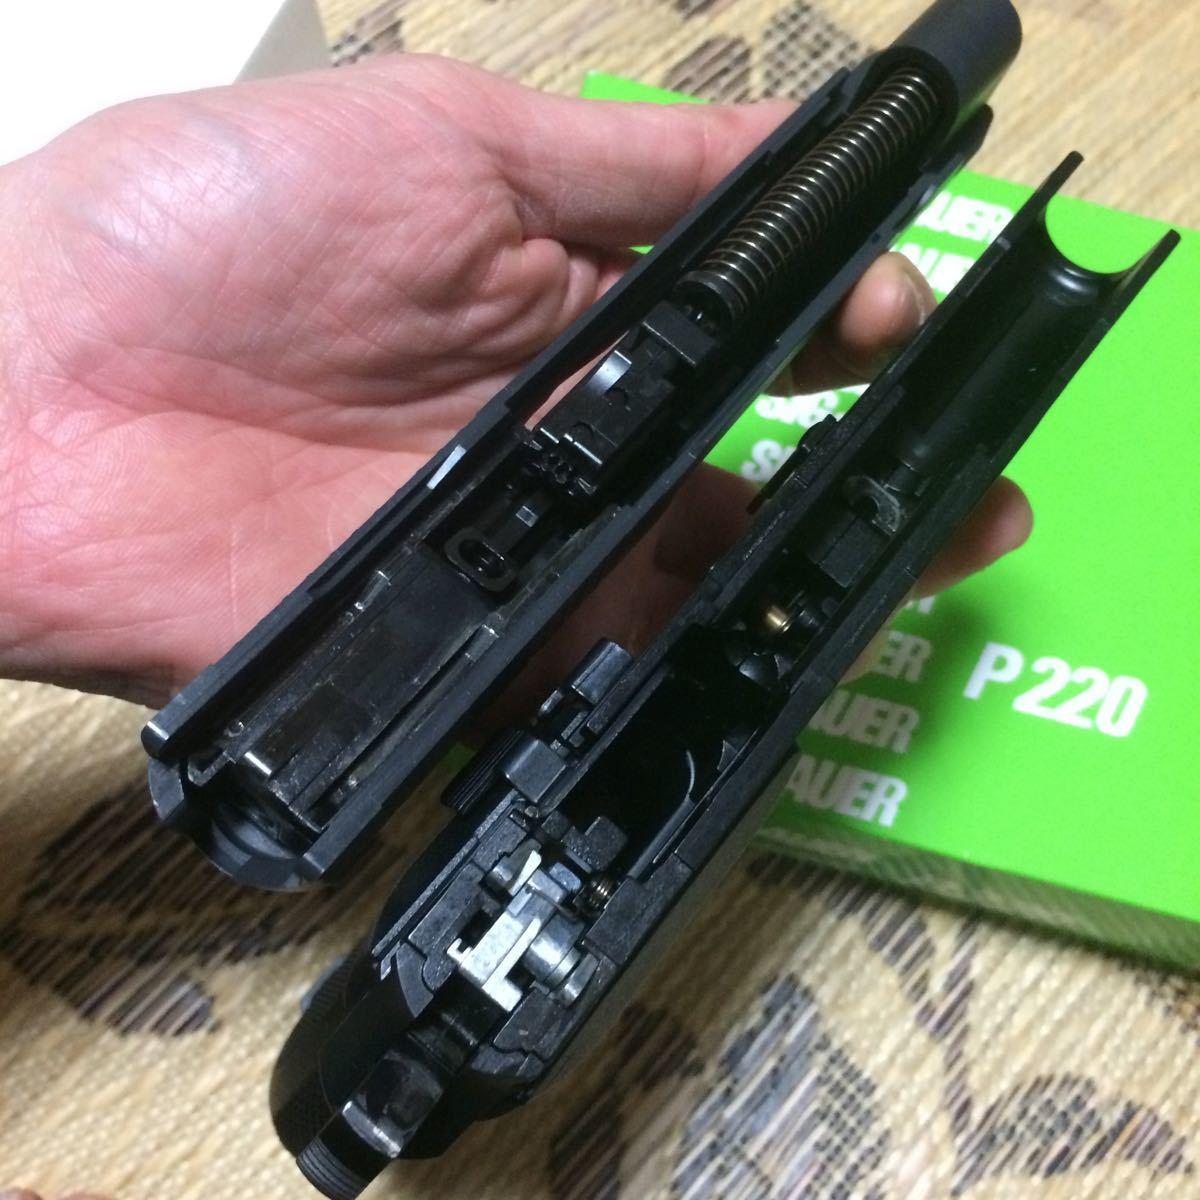 タナカ 航空自衛隊 P220 9mmけん銃 9mm拳銃 Ic ABS ガスブローバック_画像9